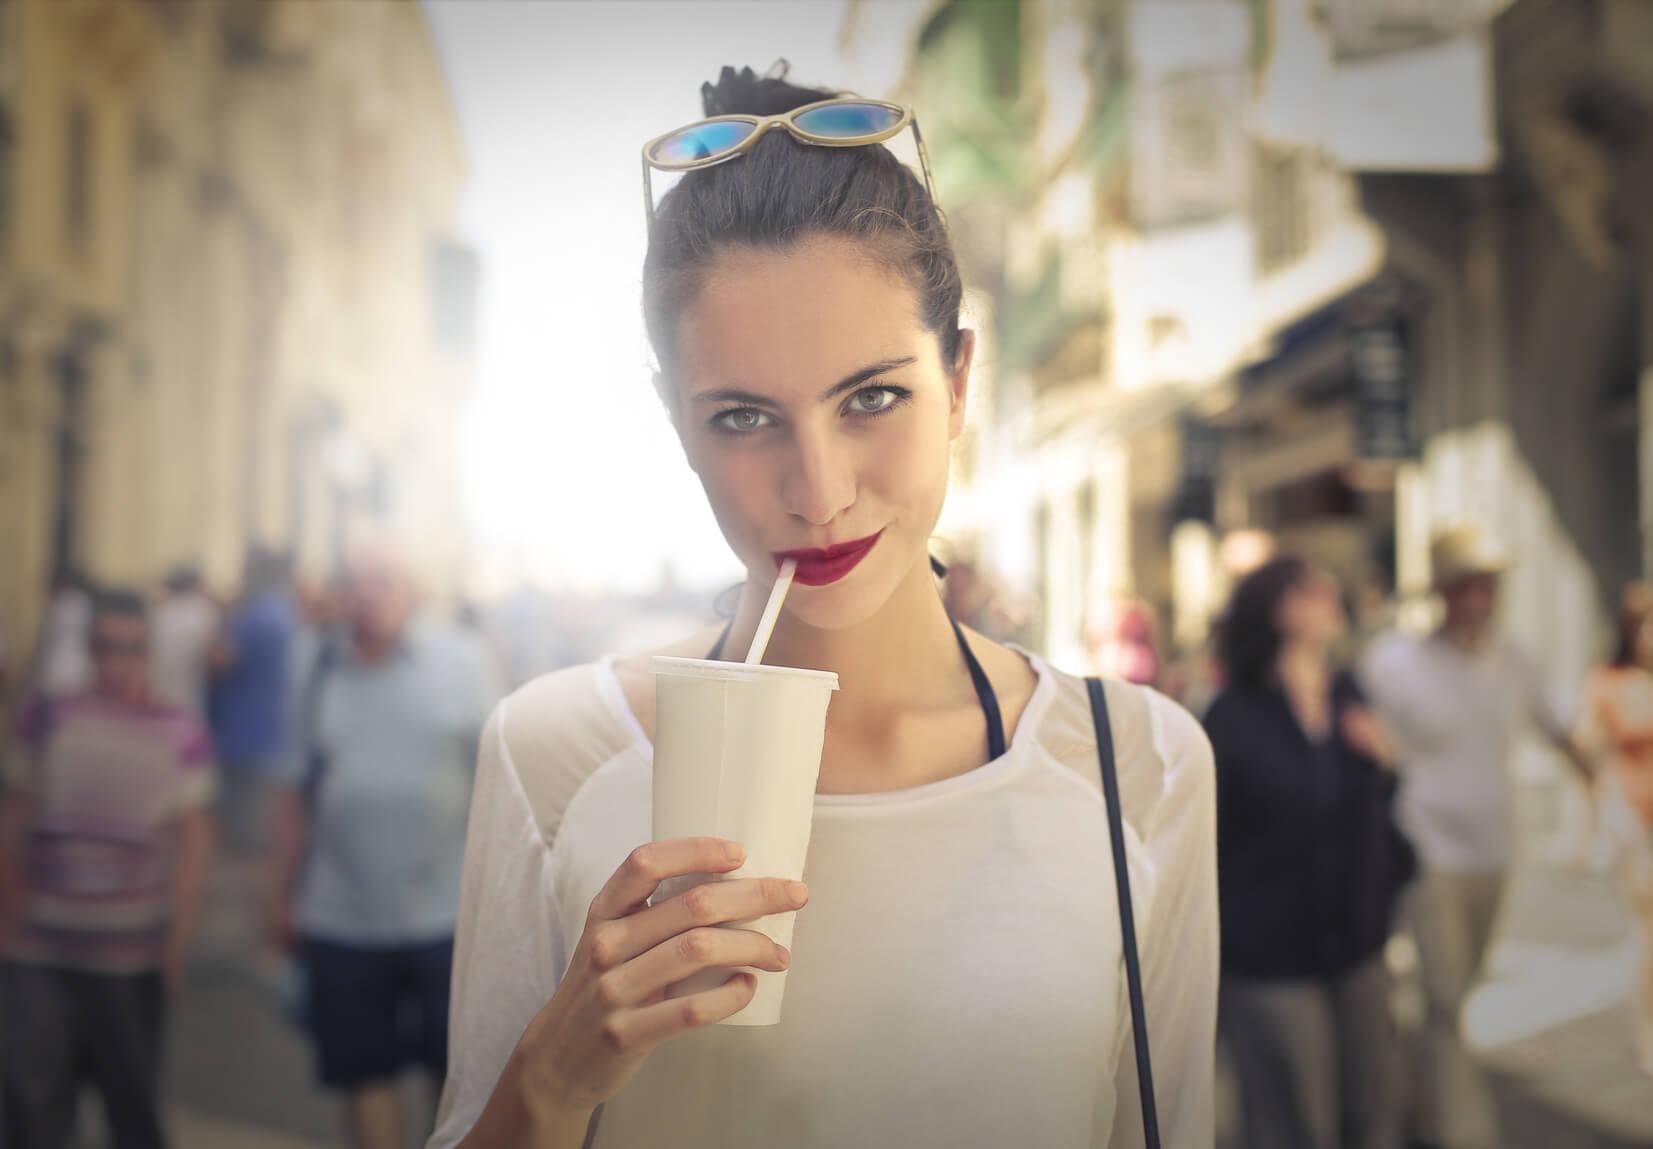 Kobiecy minimalizm w wielkim mieście….